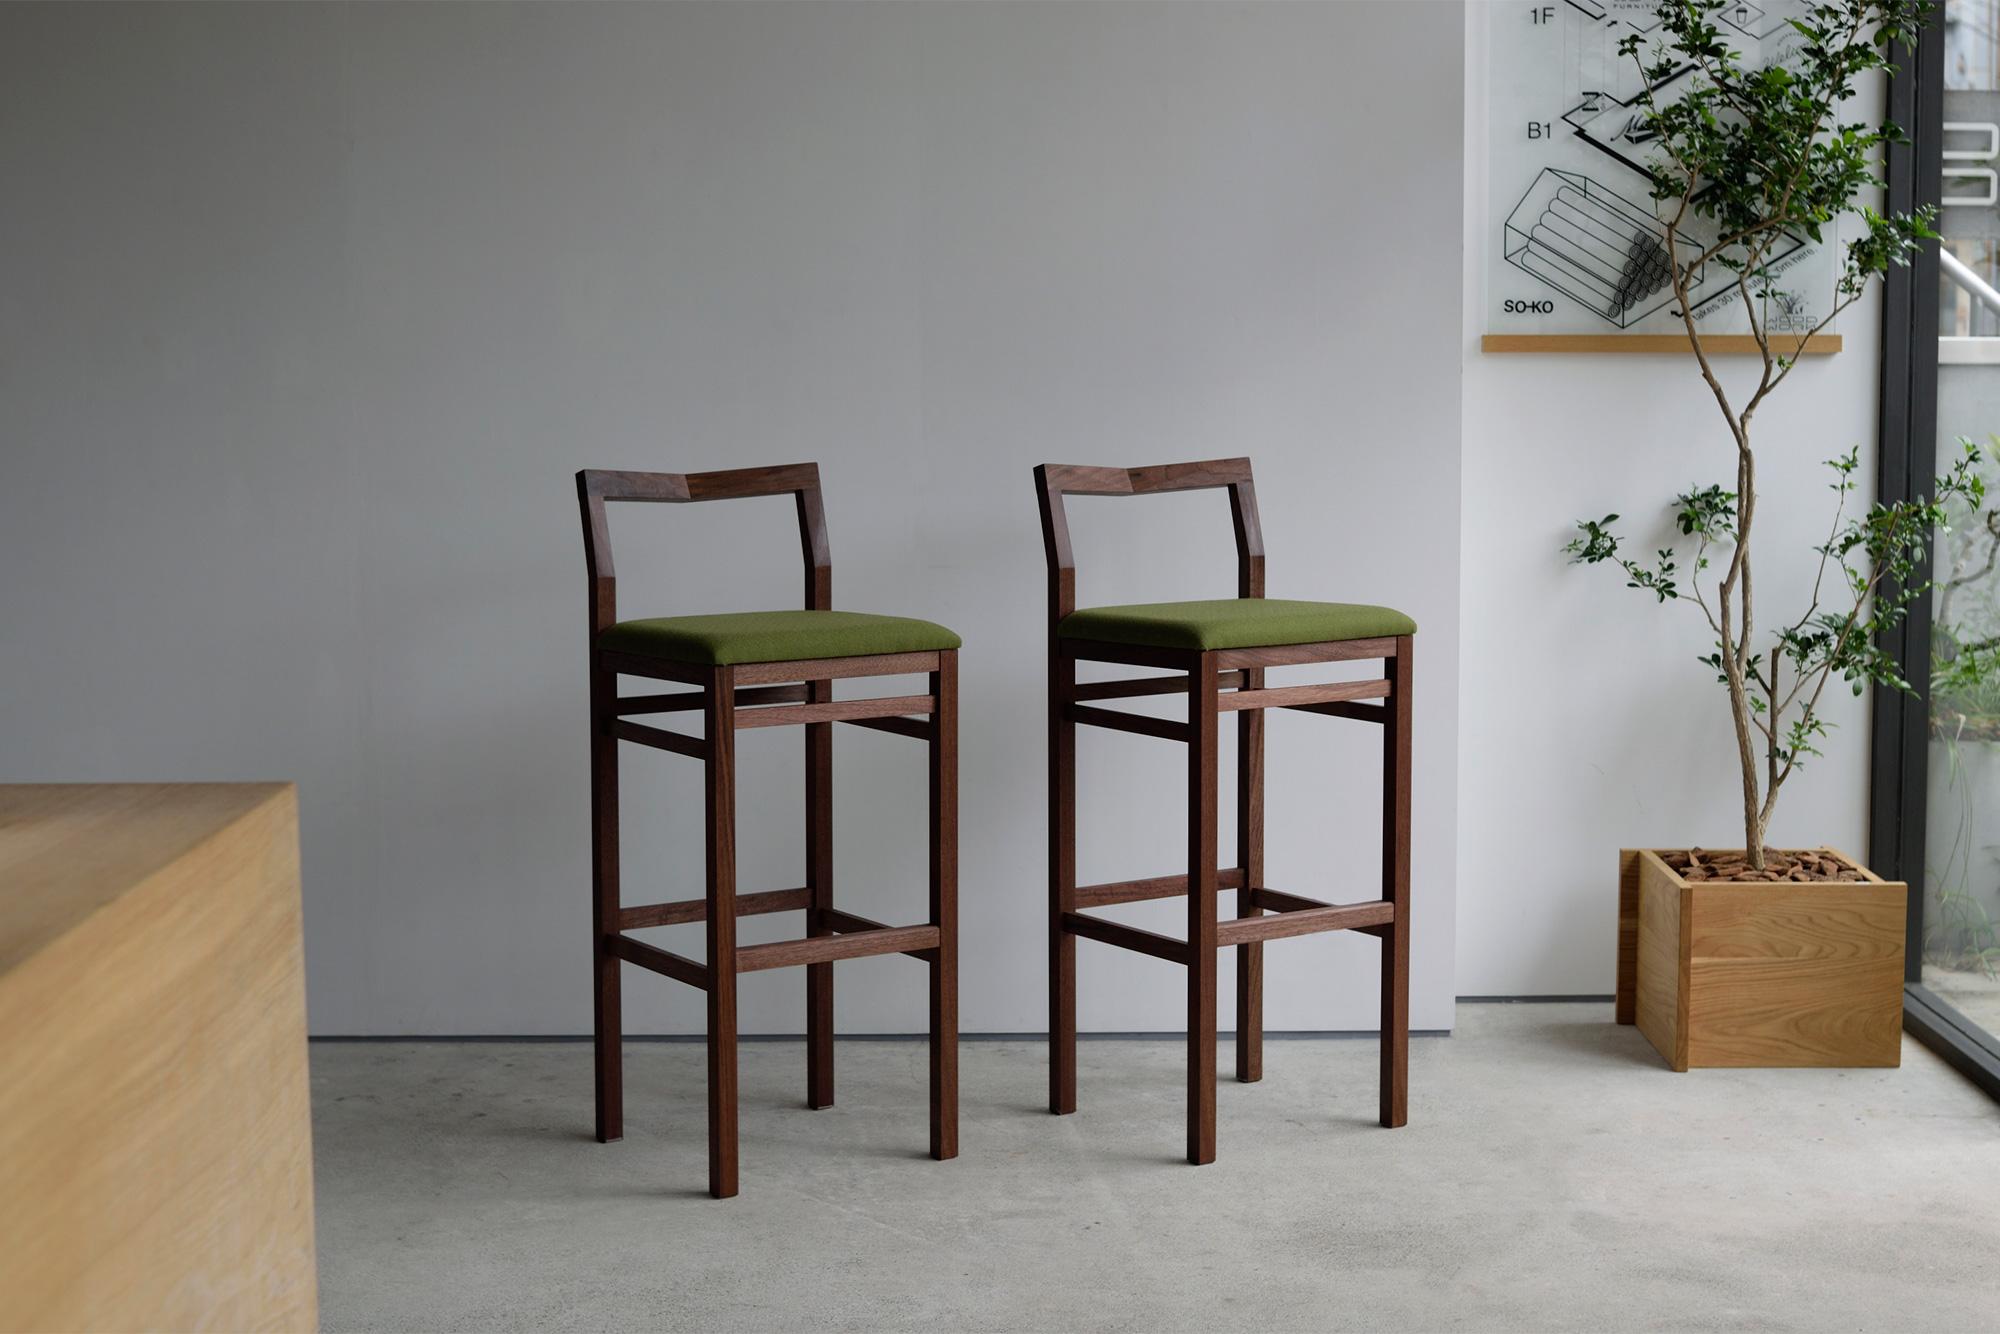 ハイタイプ・ピコチェア (ウォールナット材+グリーン座面)